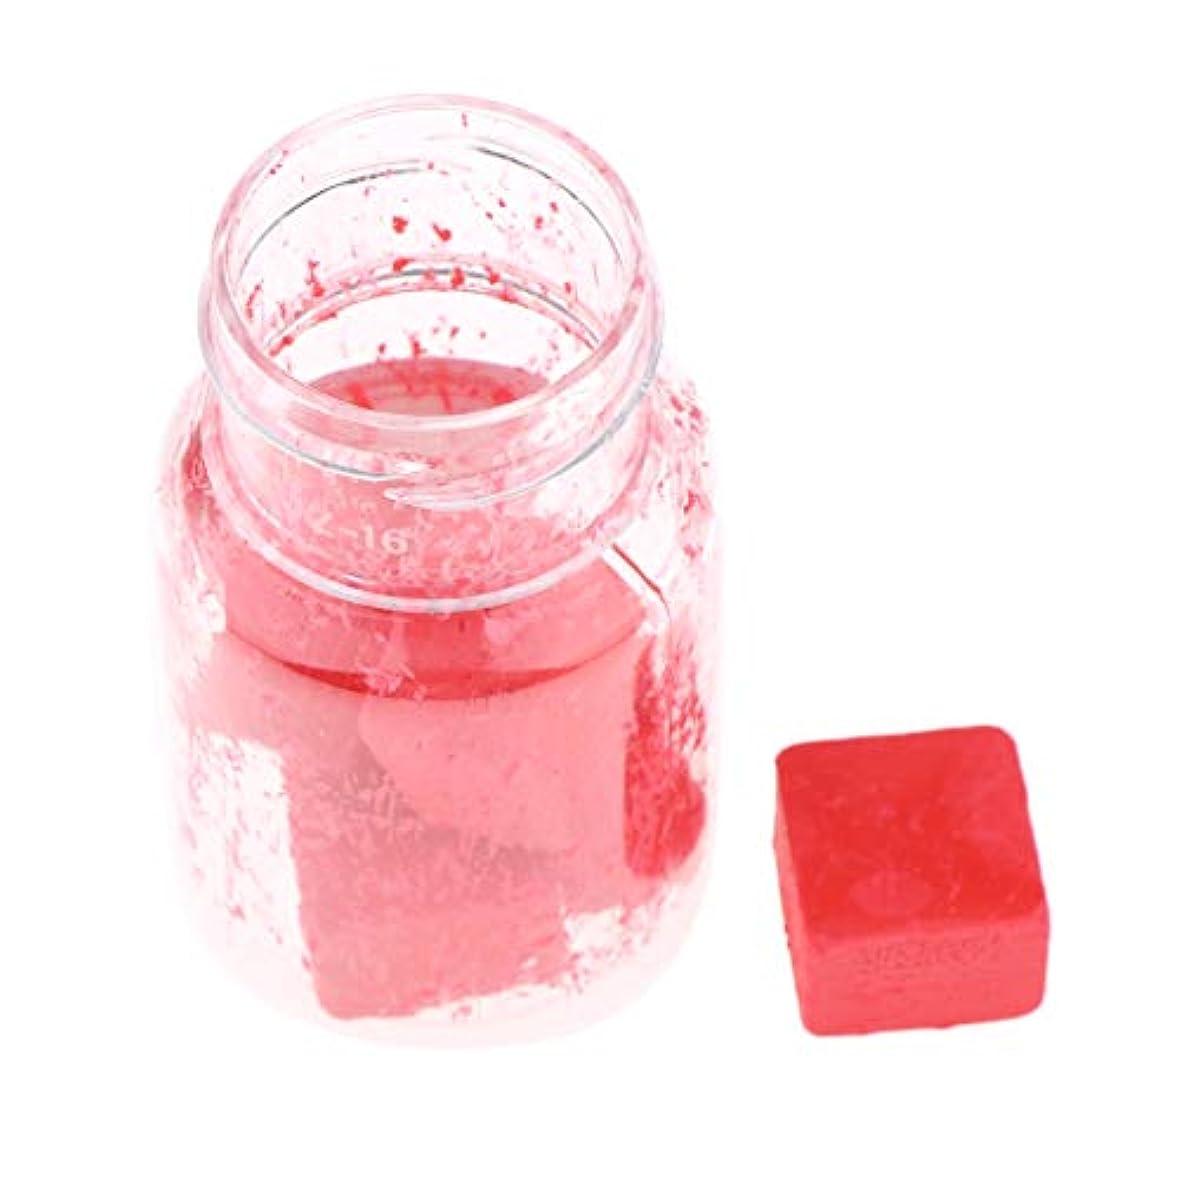 バーター代わってボードDIY 口紅作り 顔料 リップスティック作り 赤面原料 無粉砕 無飛翔粉末 工芸 全9色 - I